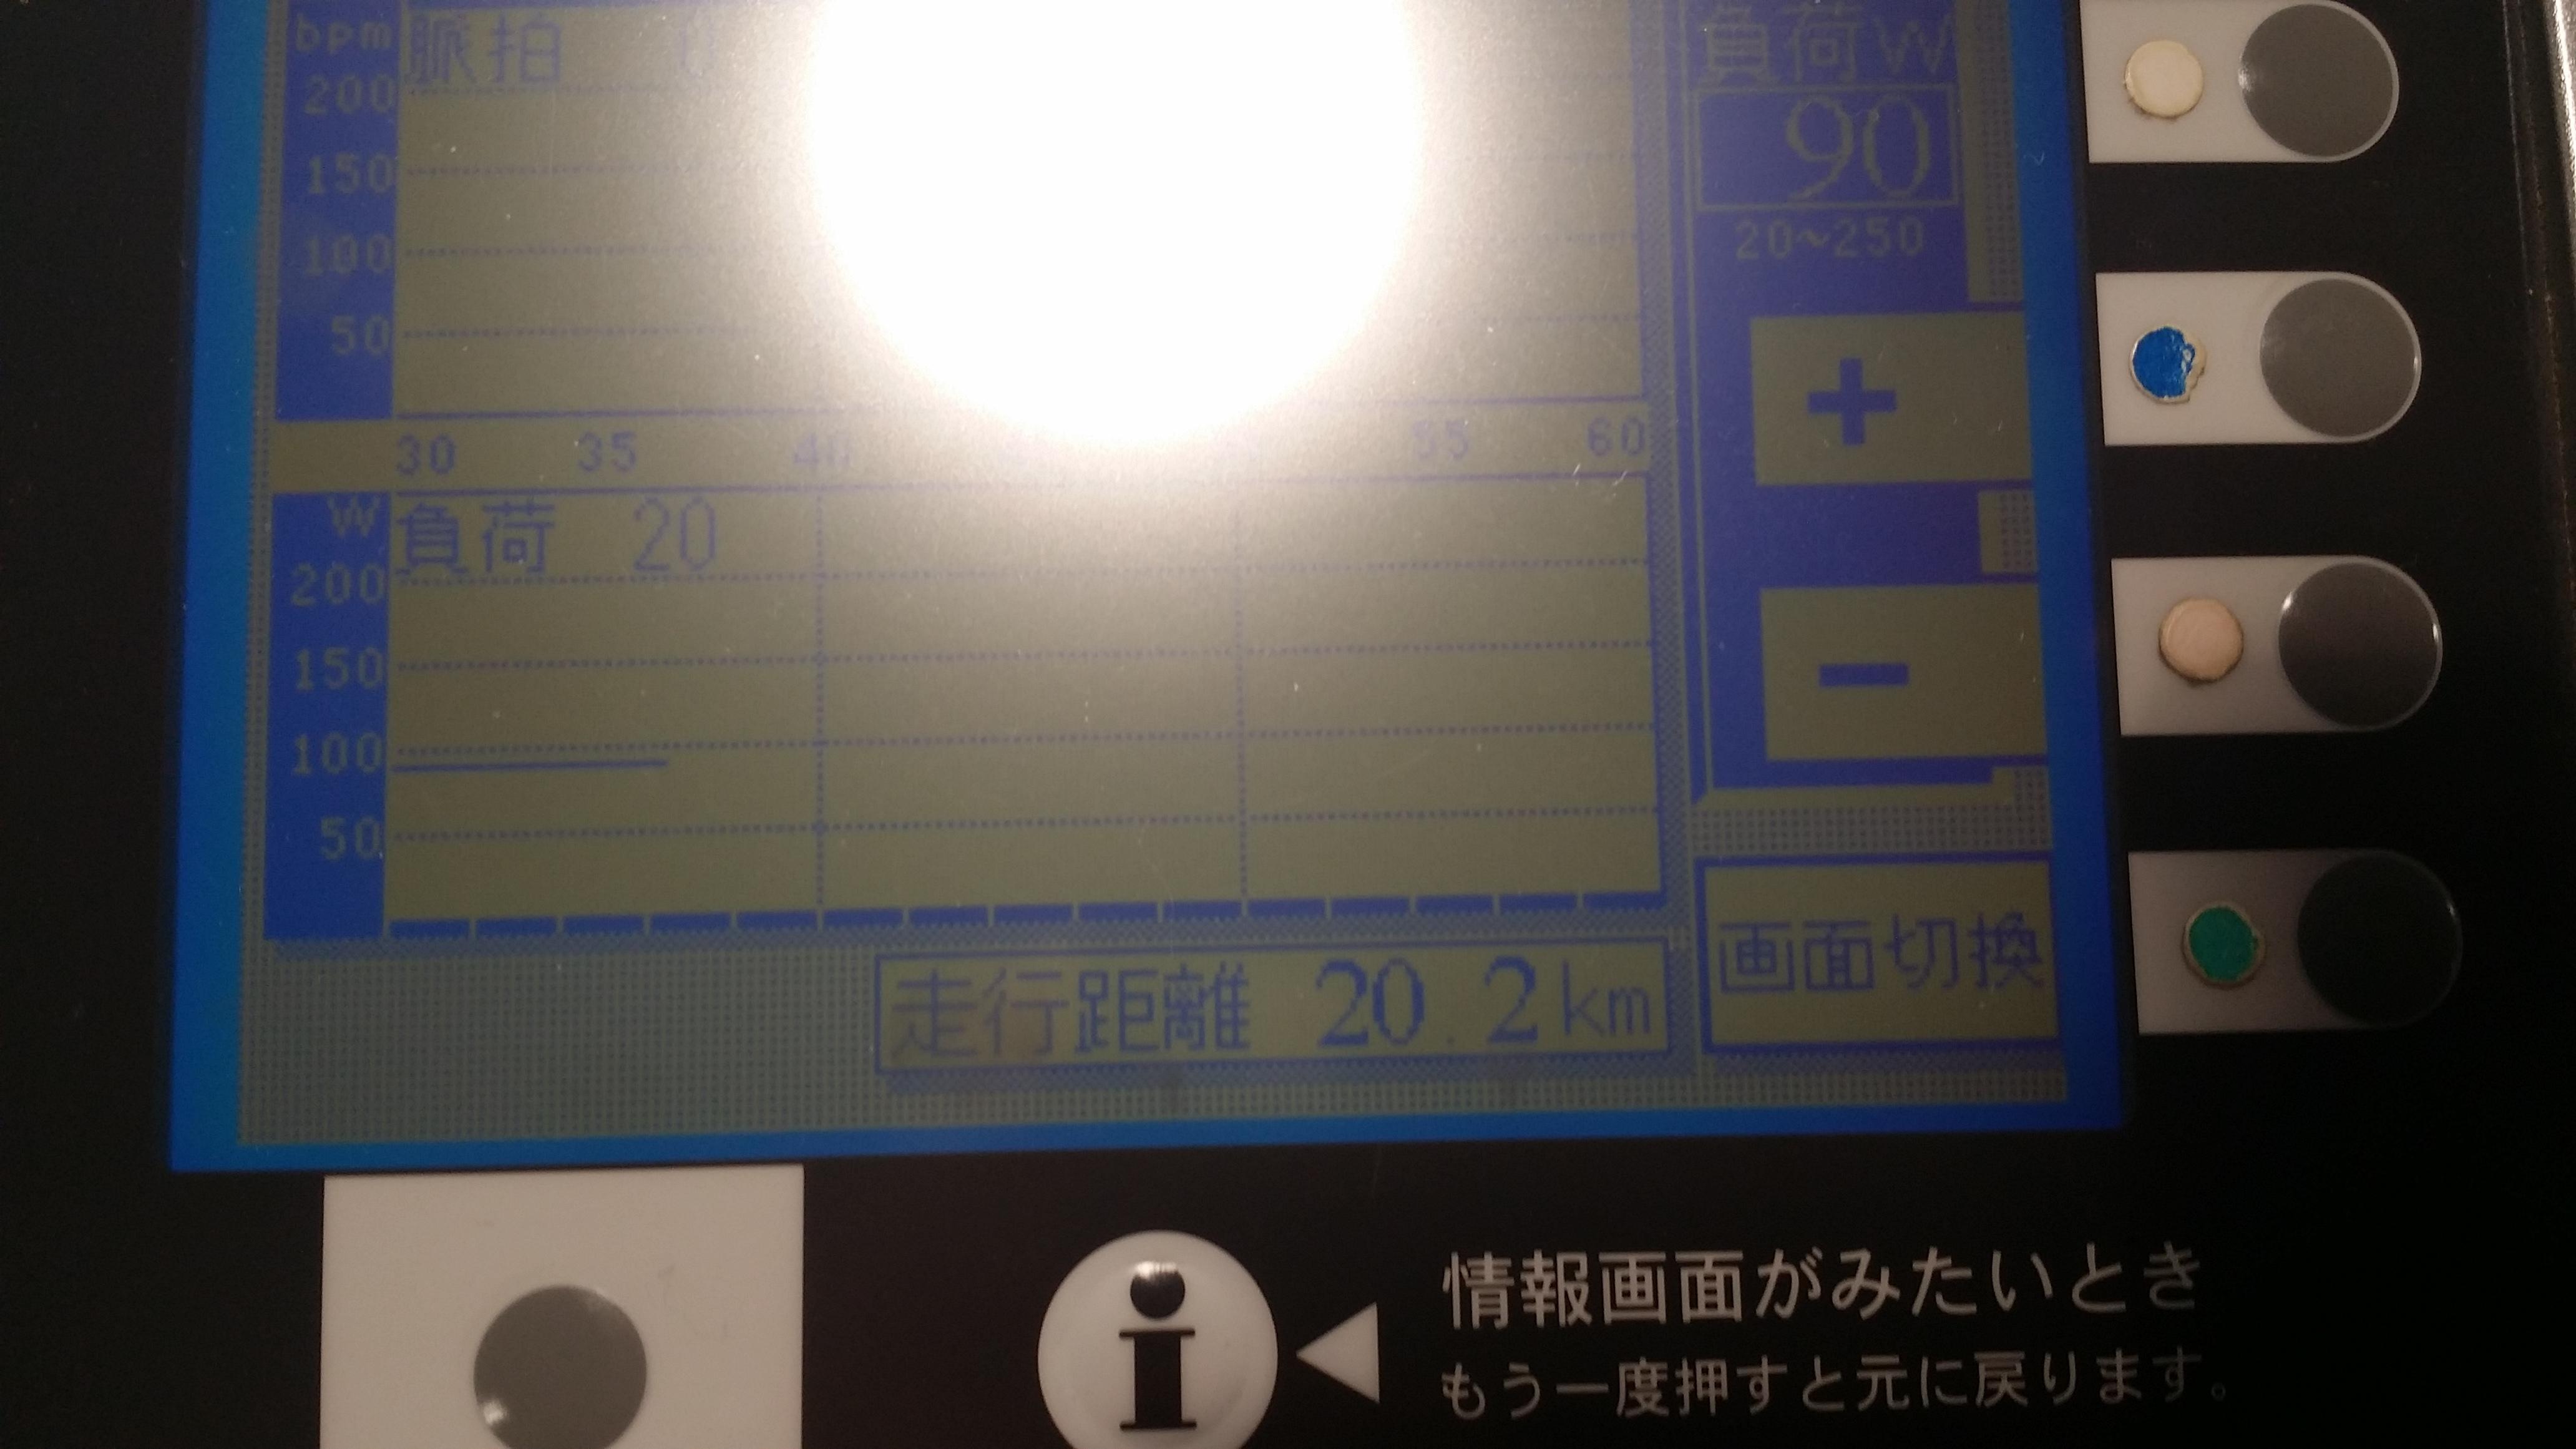 20160327_155339.jpg